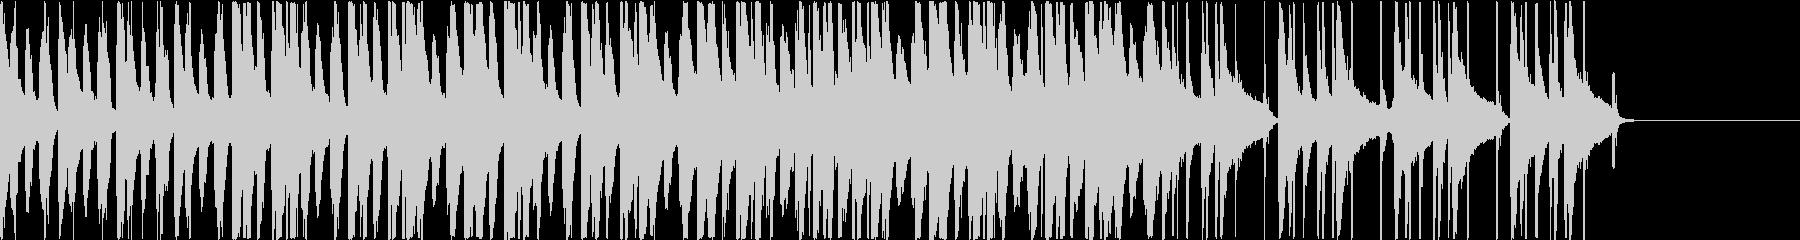 ウクレレ、ポップ、爽やか、CMに最適Cの未再生の波形